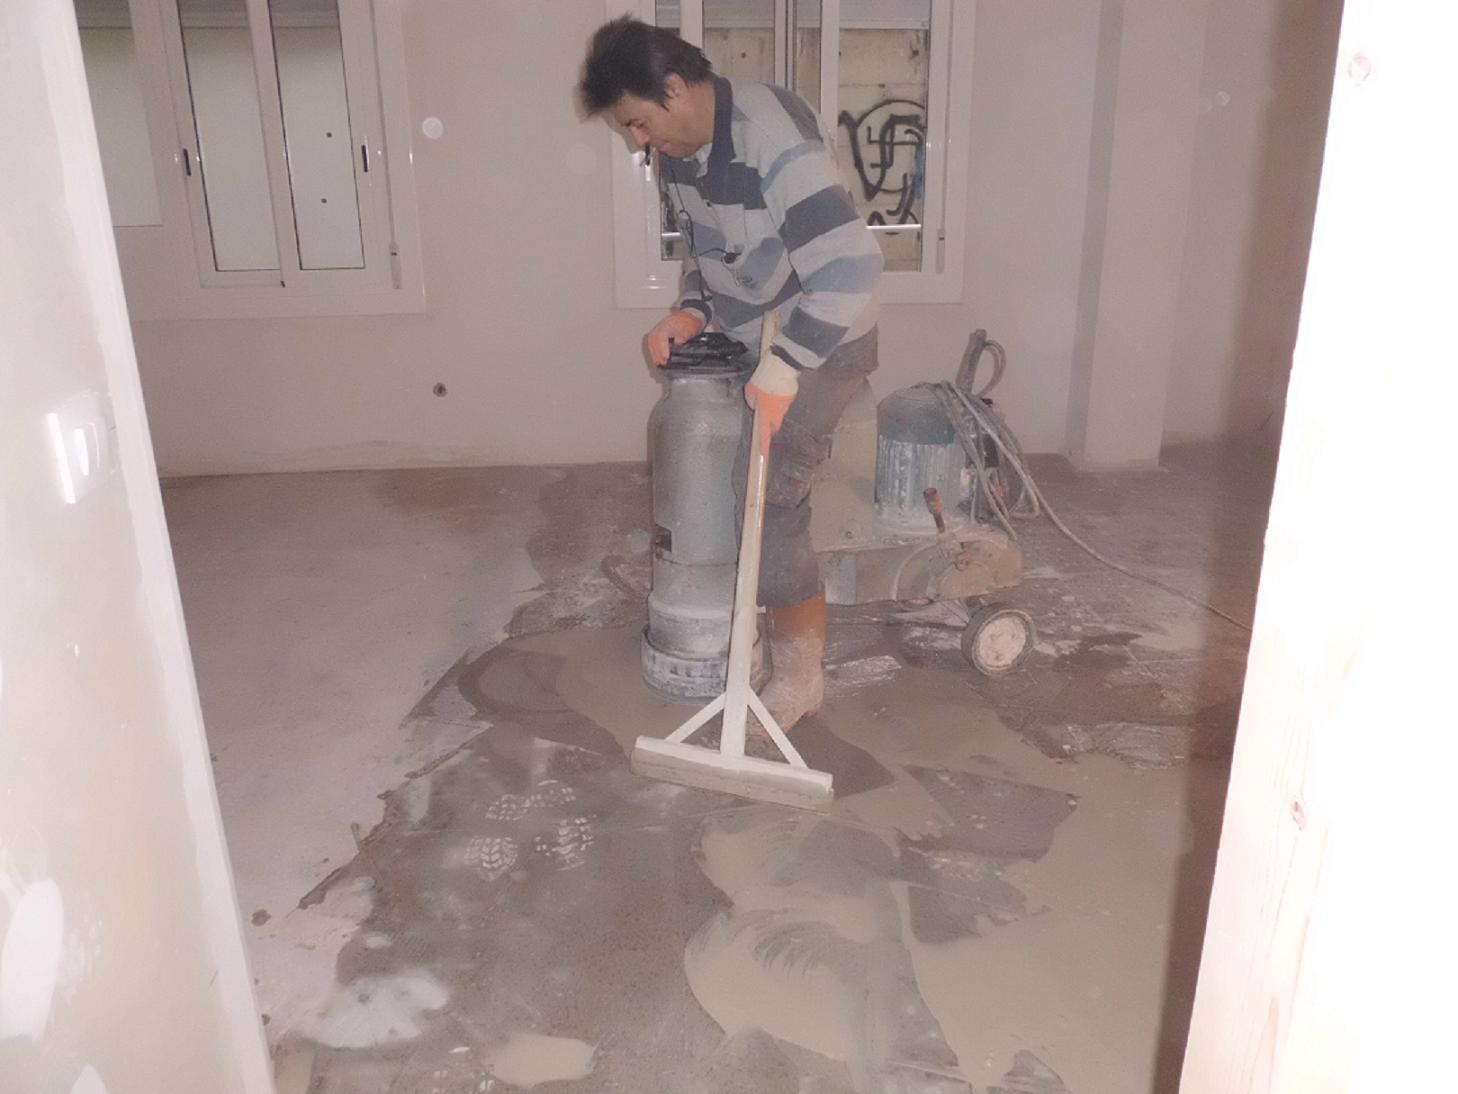 Como pulir el suelo de terrazo interesting top excelente pulir suelo terrazo manualmente patrn - Pulir el suelo ...